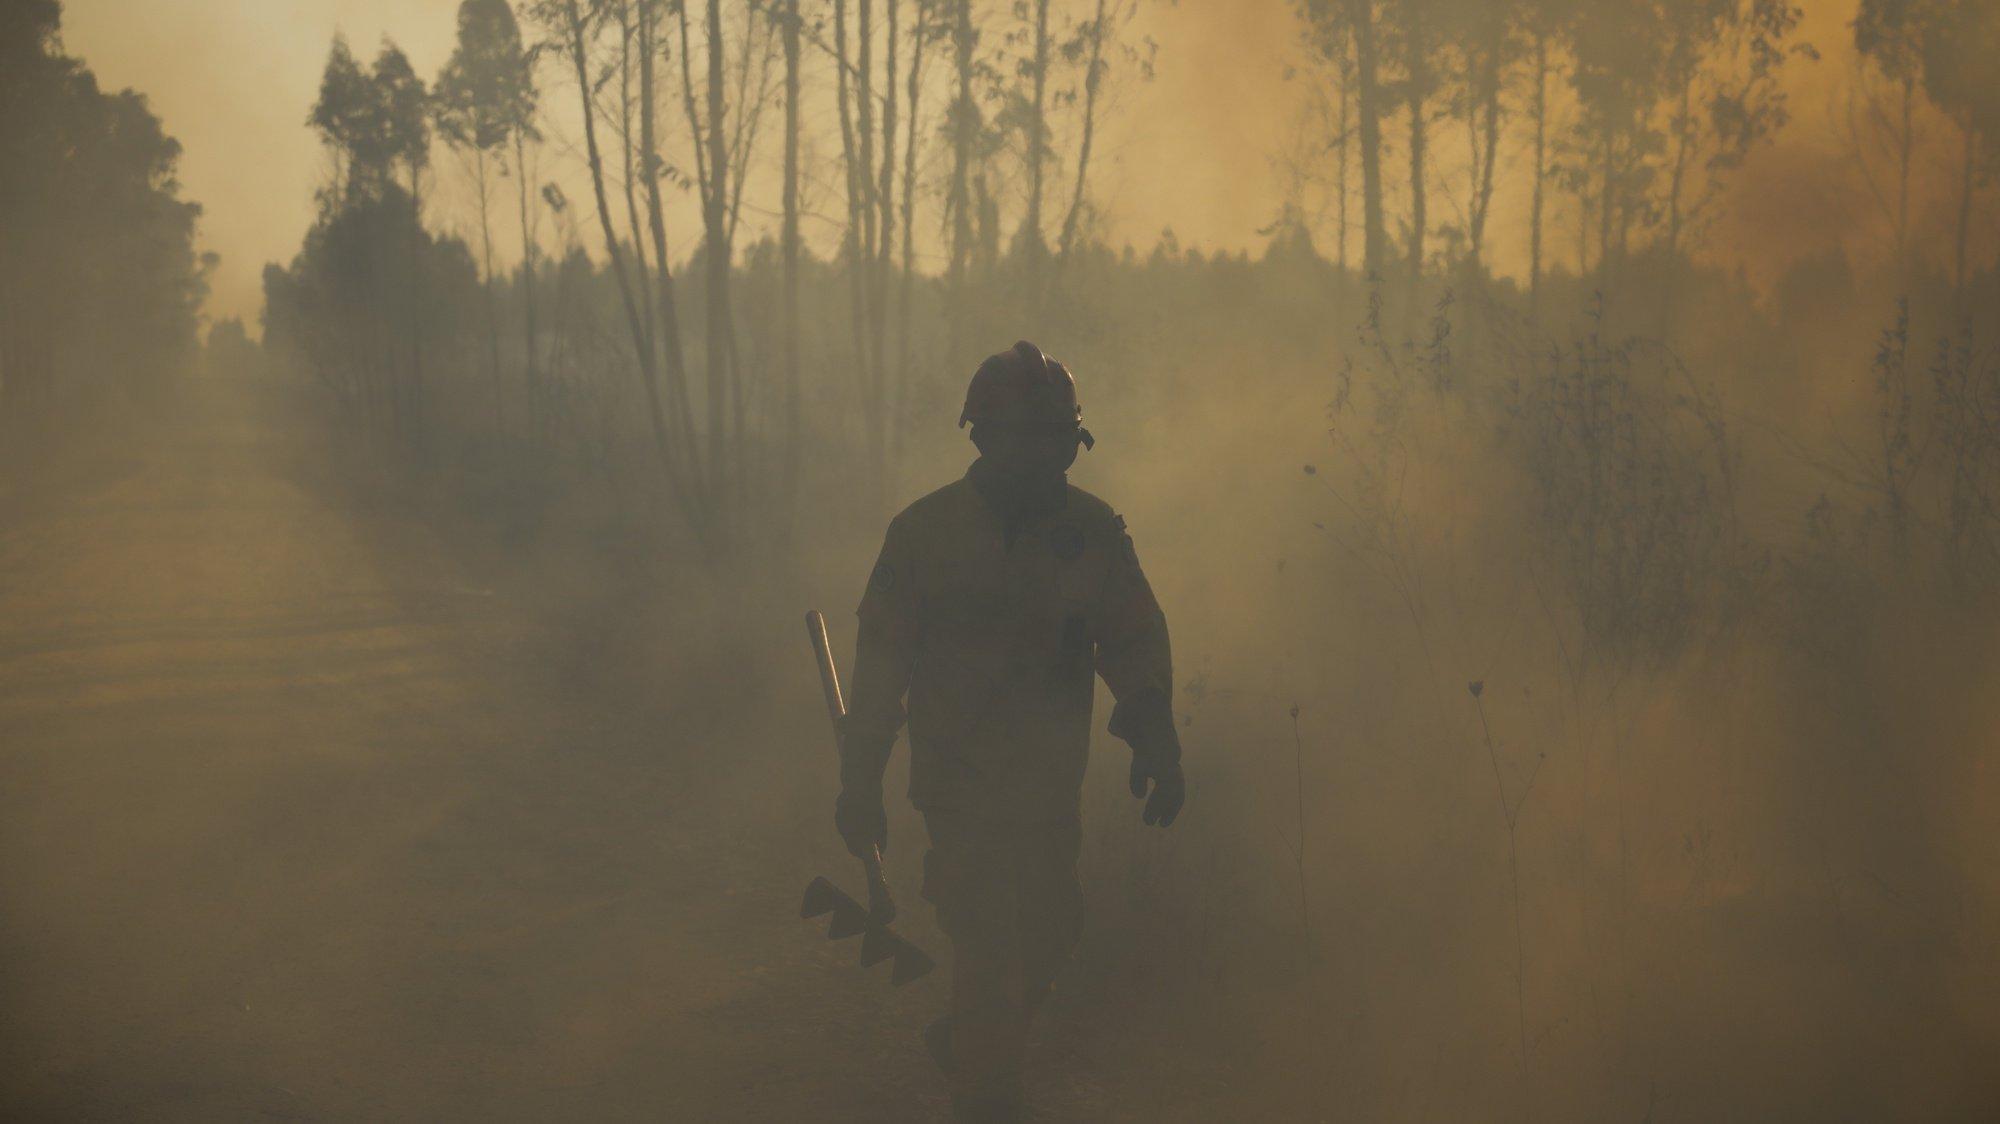 Bombeiros combatem um incêndio em Glória do Ribatejo, no concelho de Salvaterra de Magos, 22 agosto 2021. O incêndio que lavradesde cerca das 15:00 de hoje em Salvaterra de Magos causou um ferido ligeiro, o condicionamento da uma estrada e o corte da linha férrea de Vendas Novas. PAULO CUNHA/LUSA